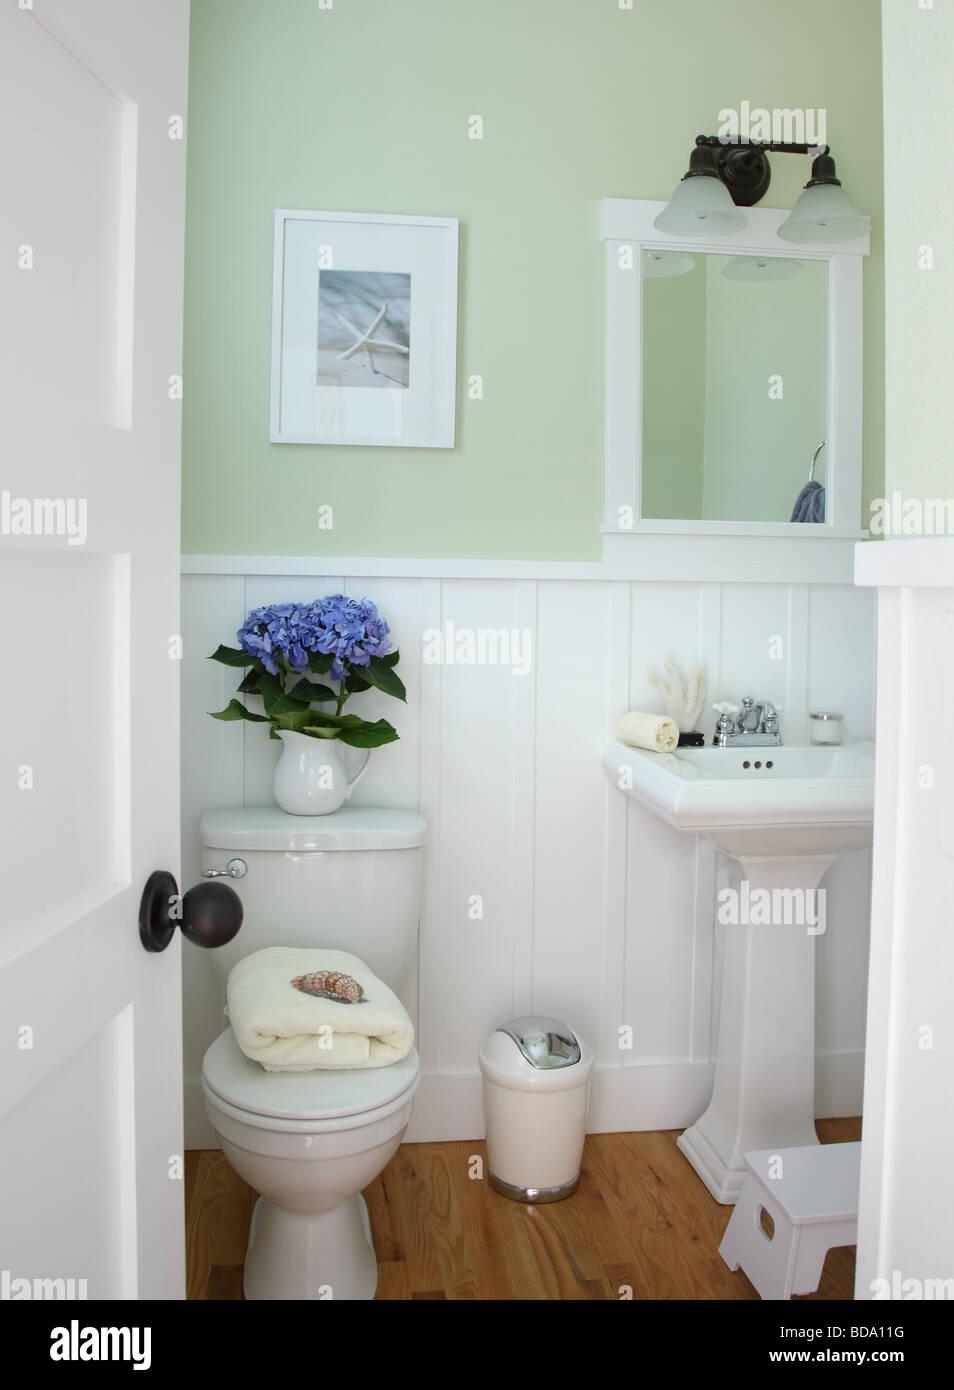 Salle de bains home intérieur Photo Stock